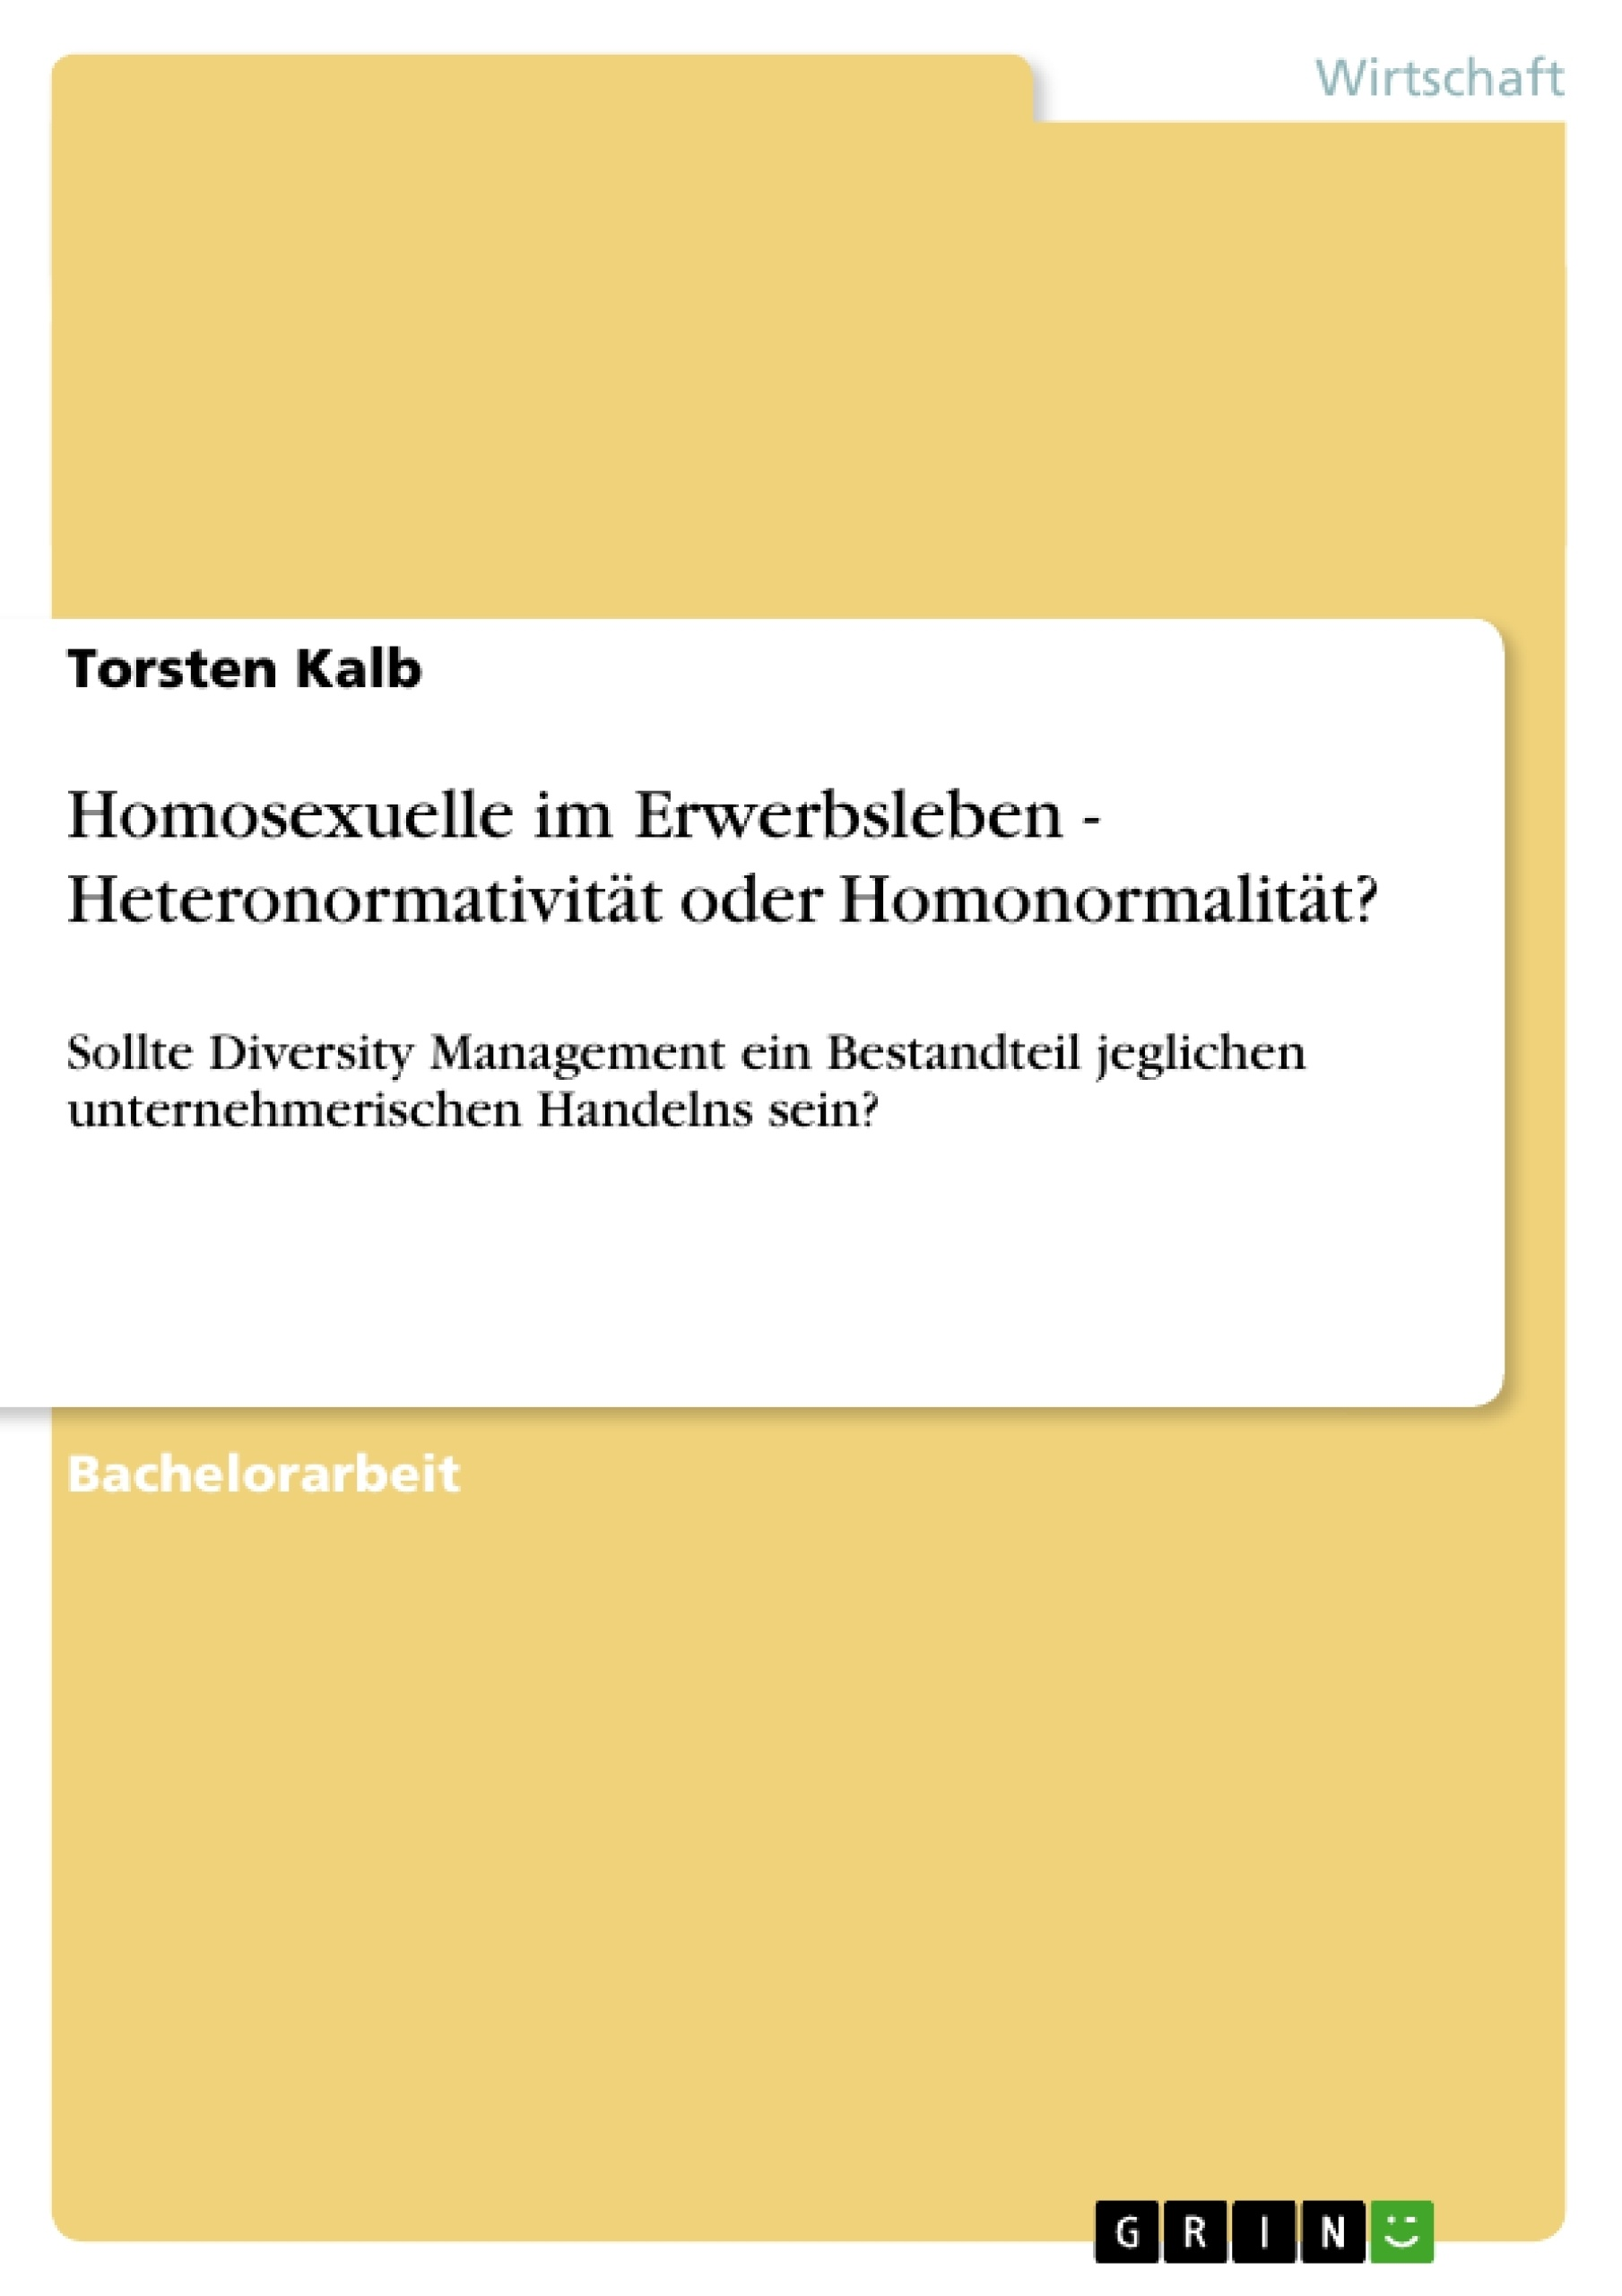 Titel: Homosexuelle im Erwerbsleben - Heteronormativität oder Homonormalität?